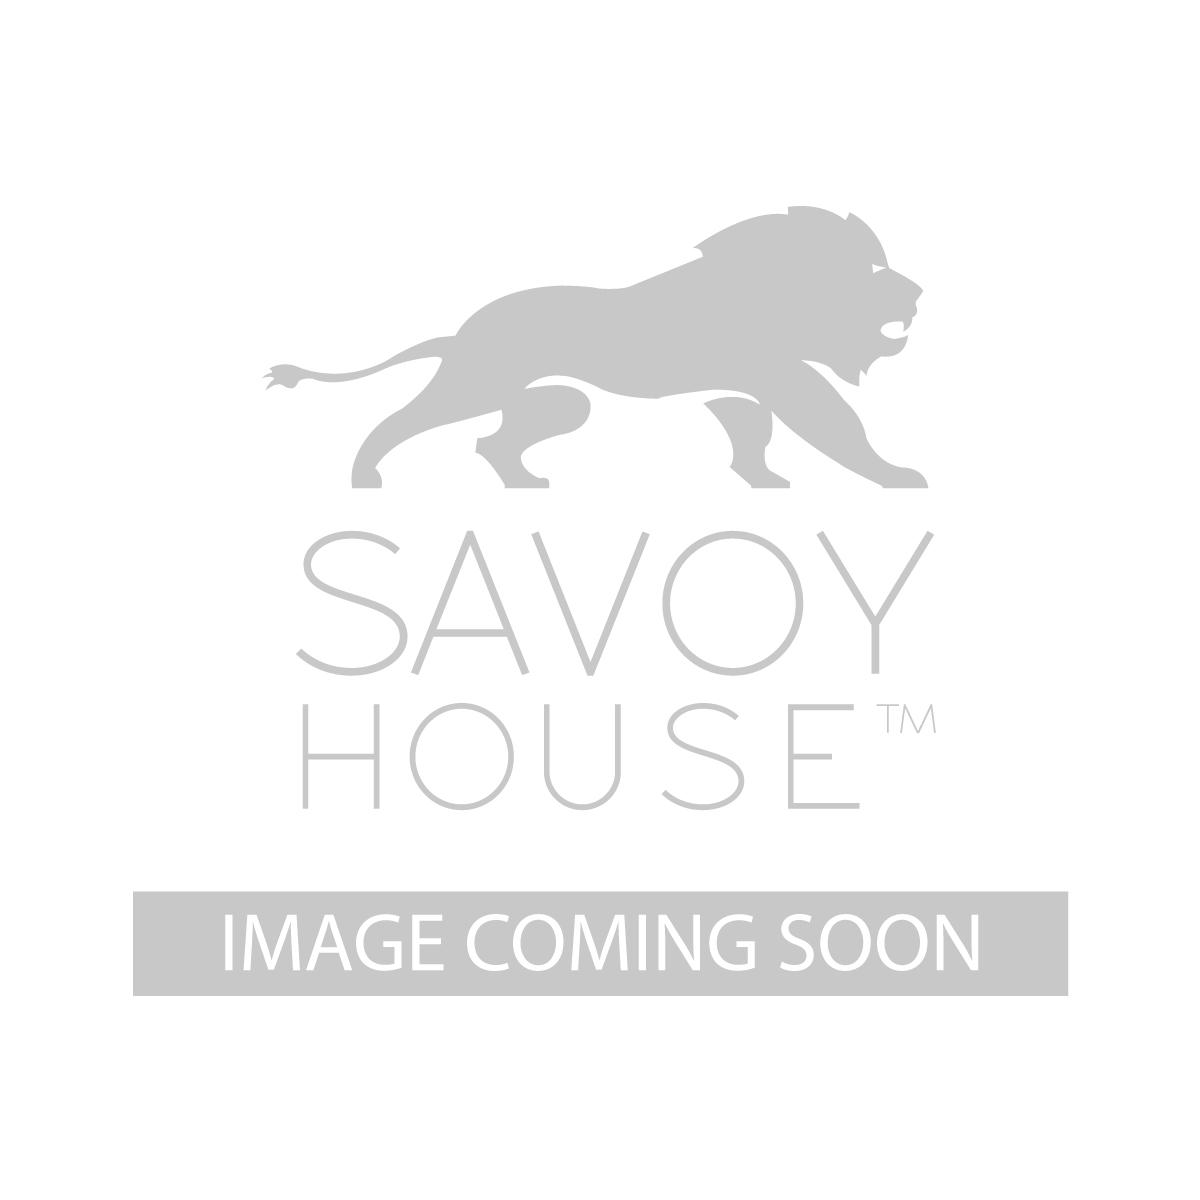 5 141 Bk Ellijay 9 Inch Steel Wall Lantern By Savoy House